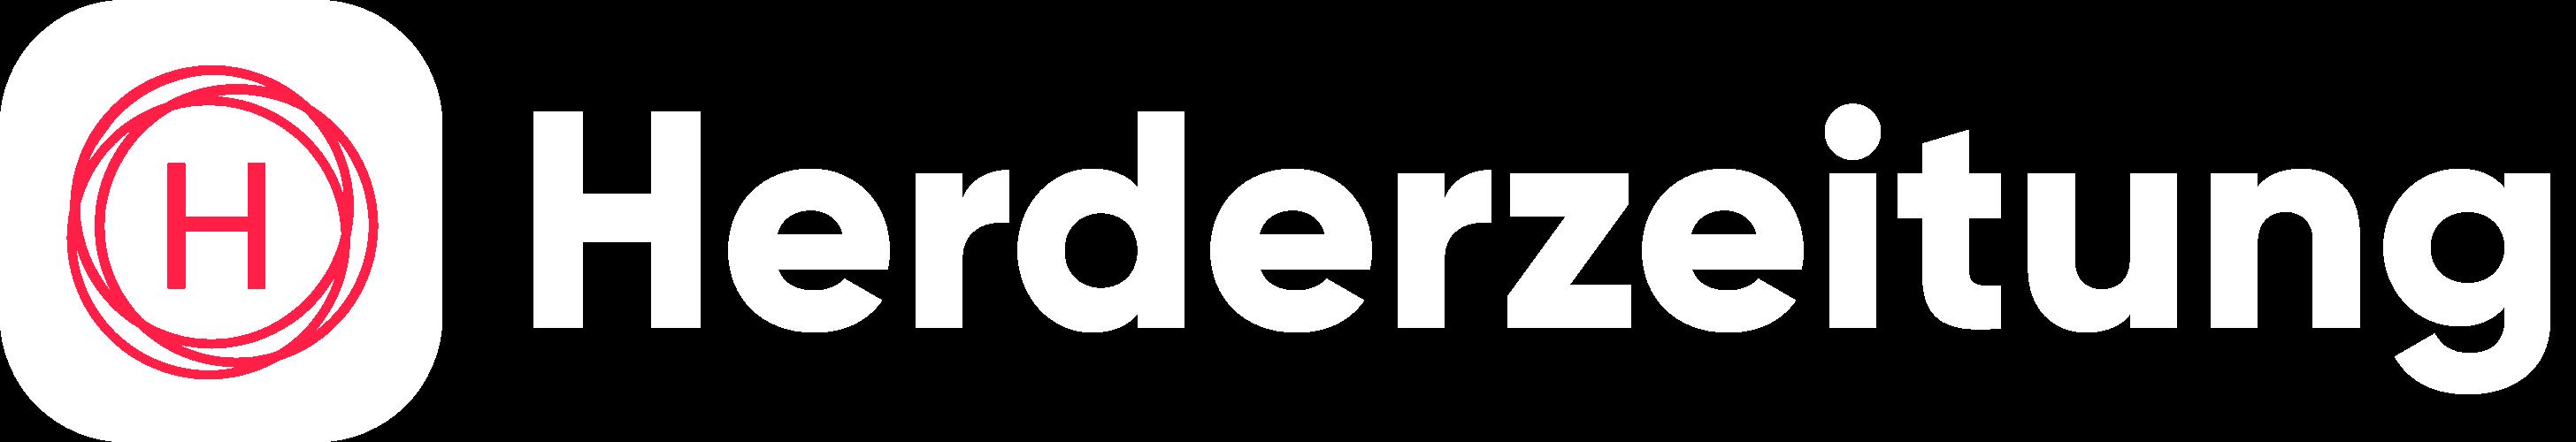 Herderzeitung